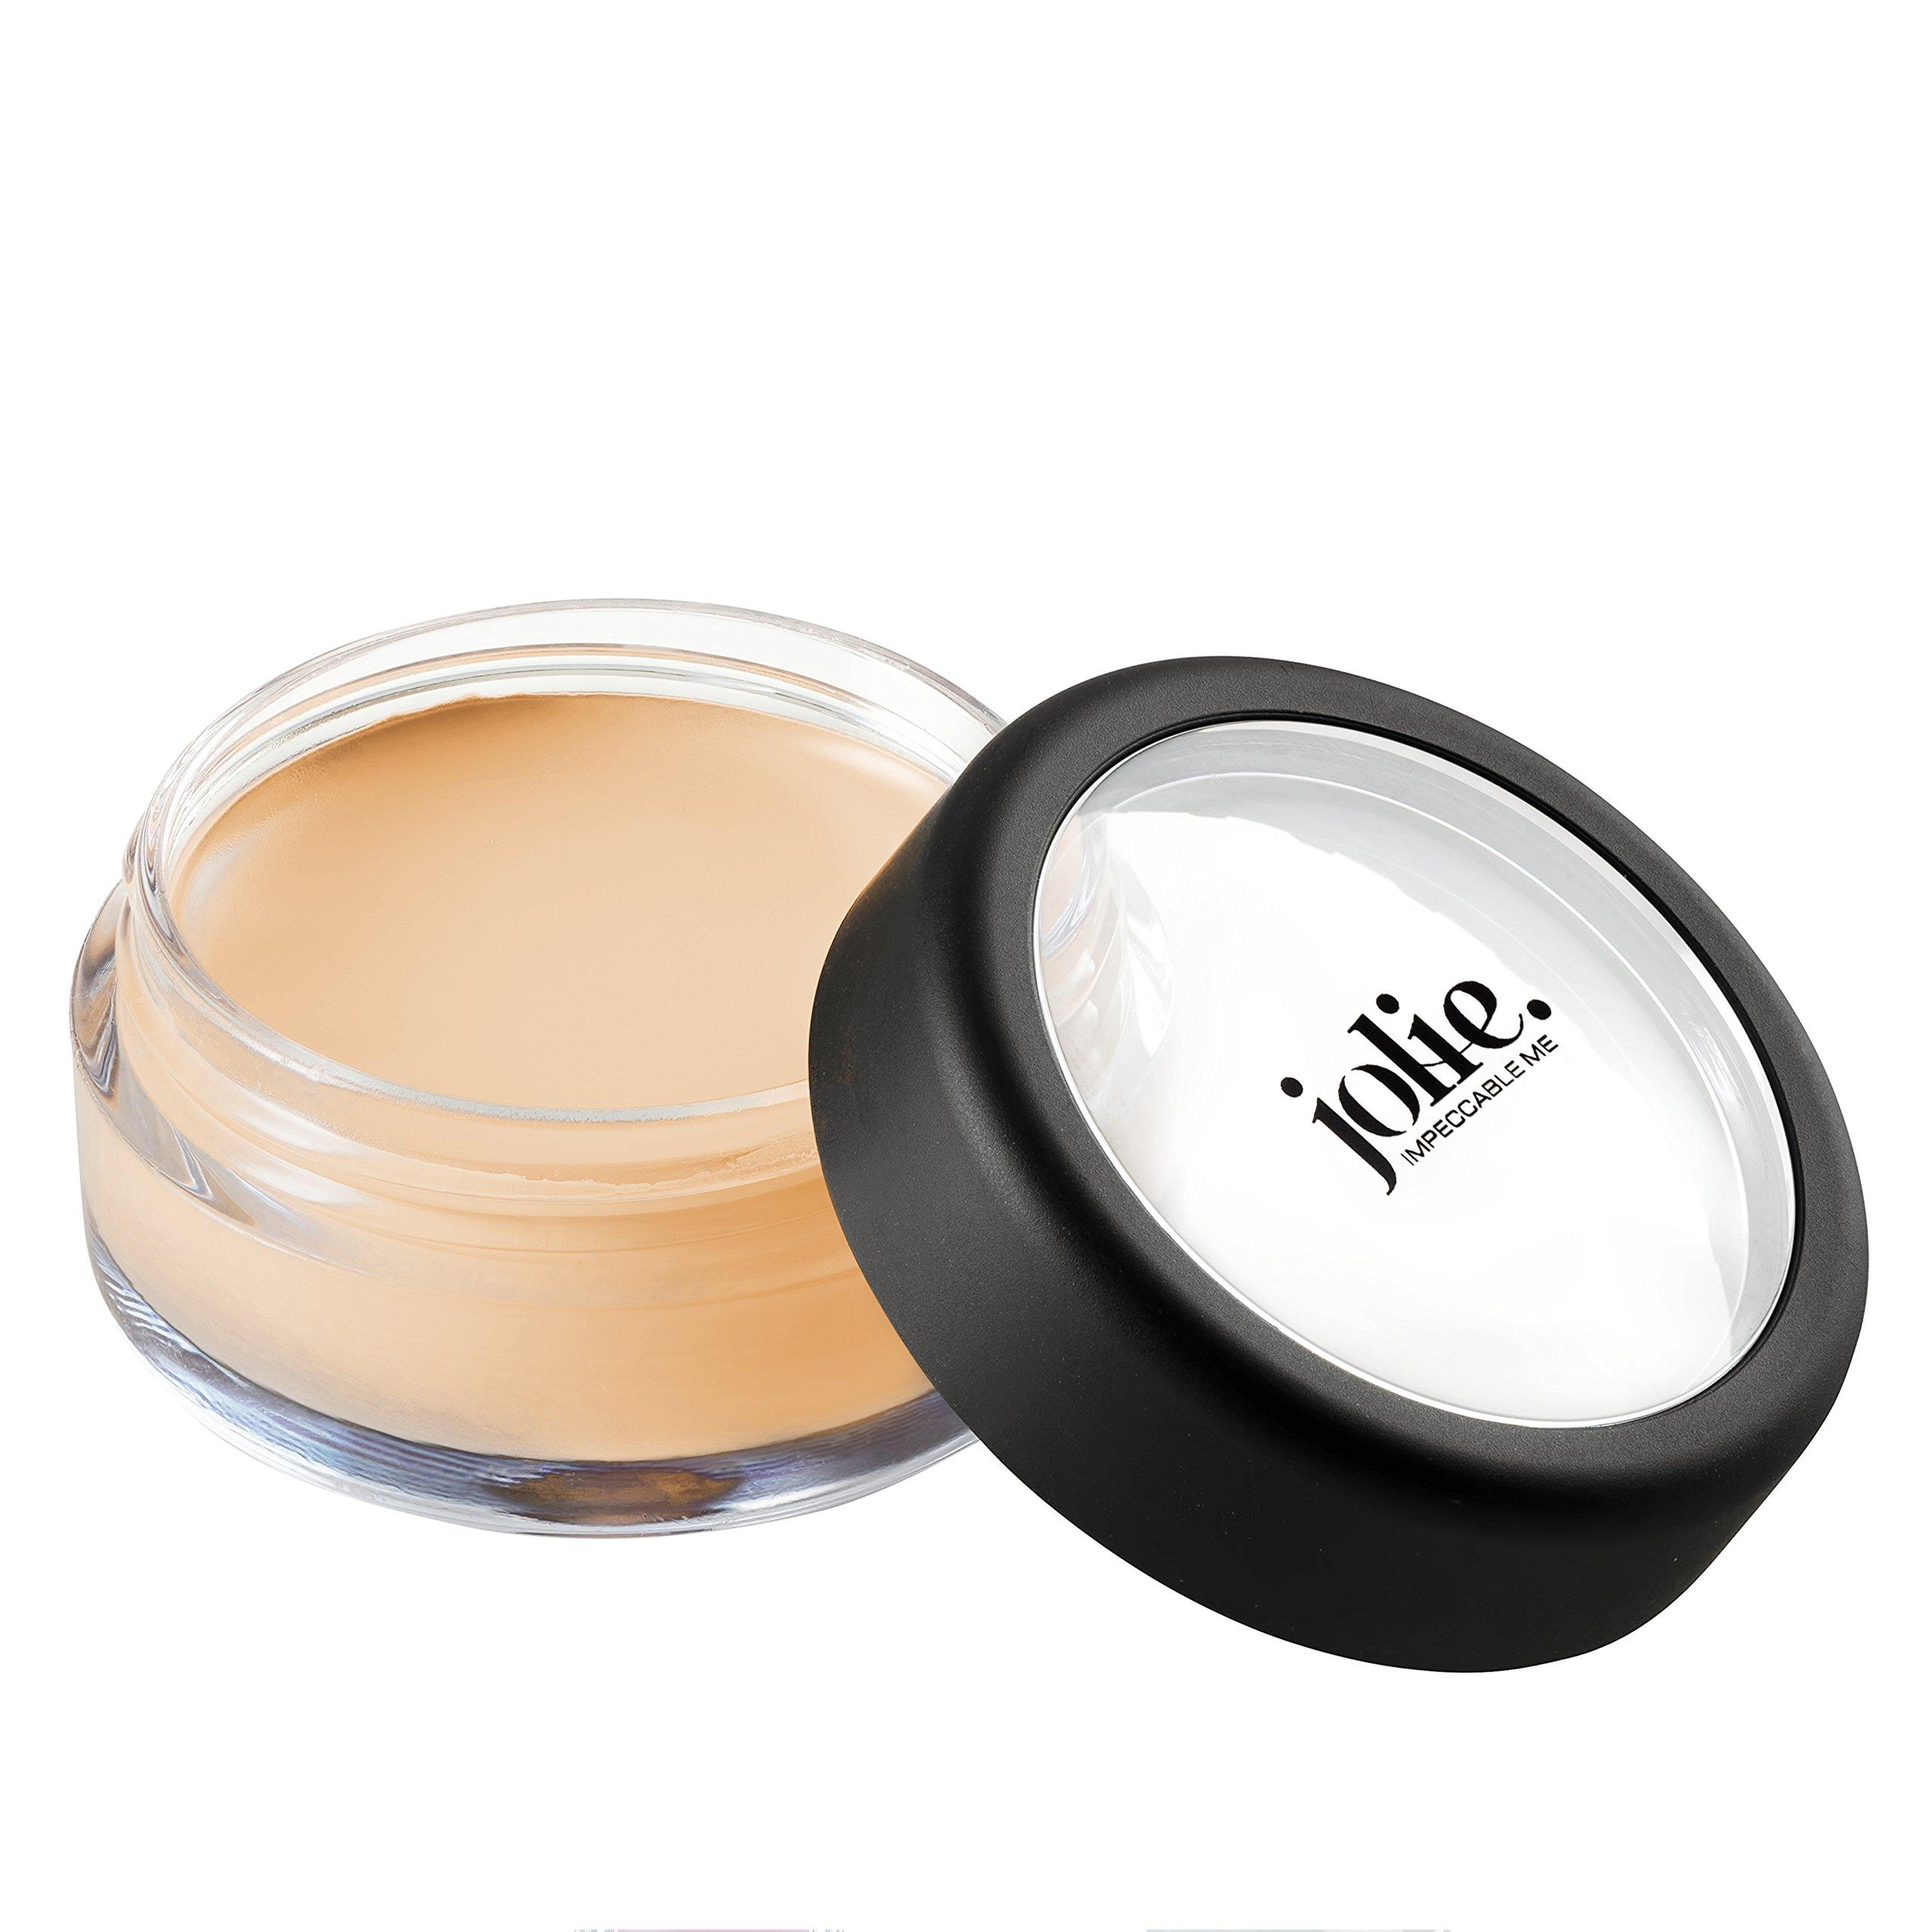 Jolie Total Coverage Conceal Under Eye & Facial Creme Concealer Pot (Amber)